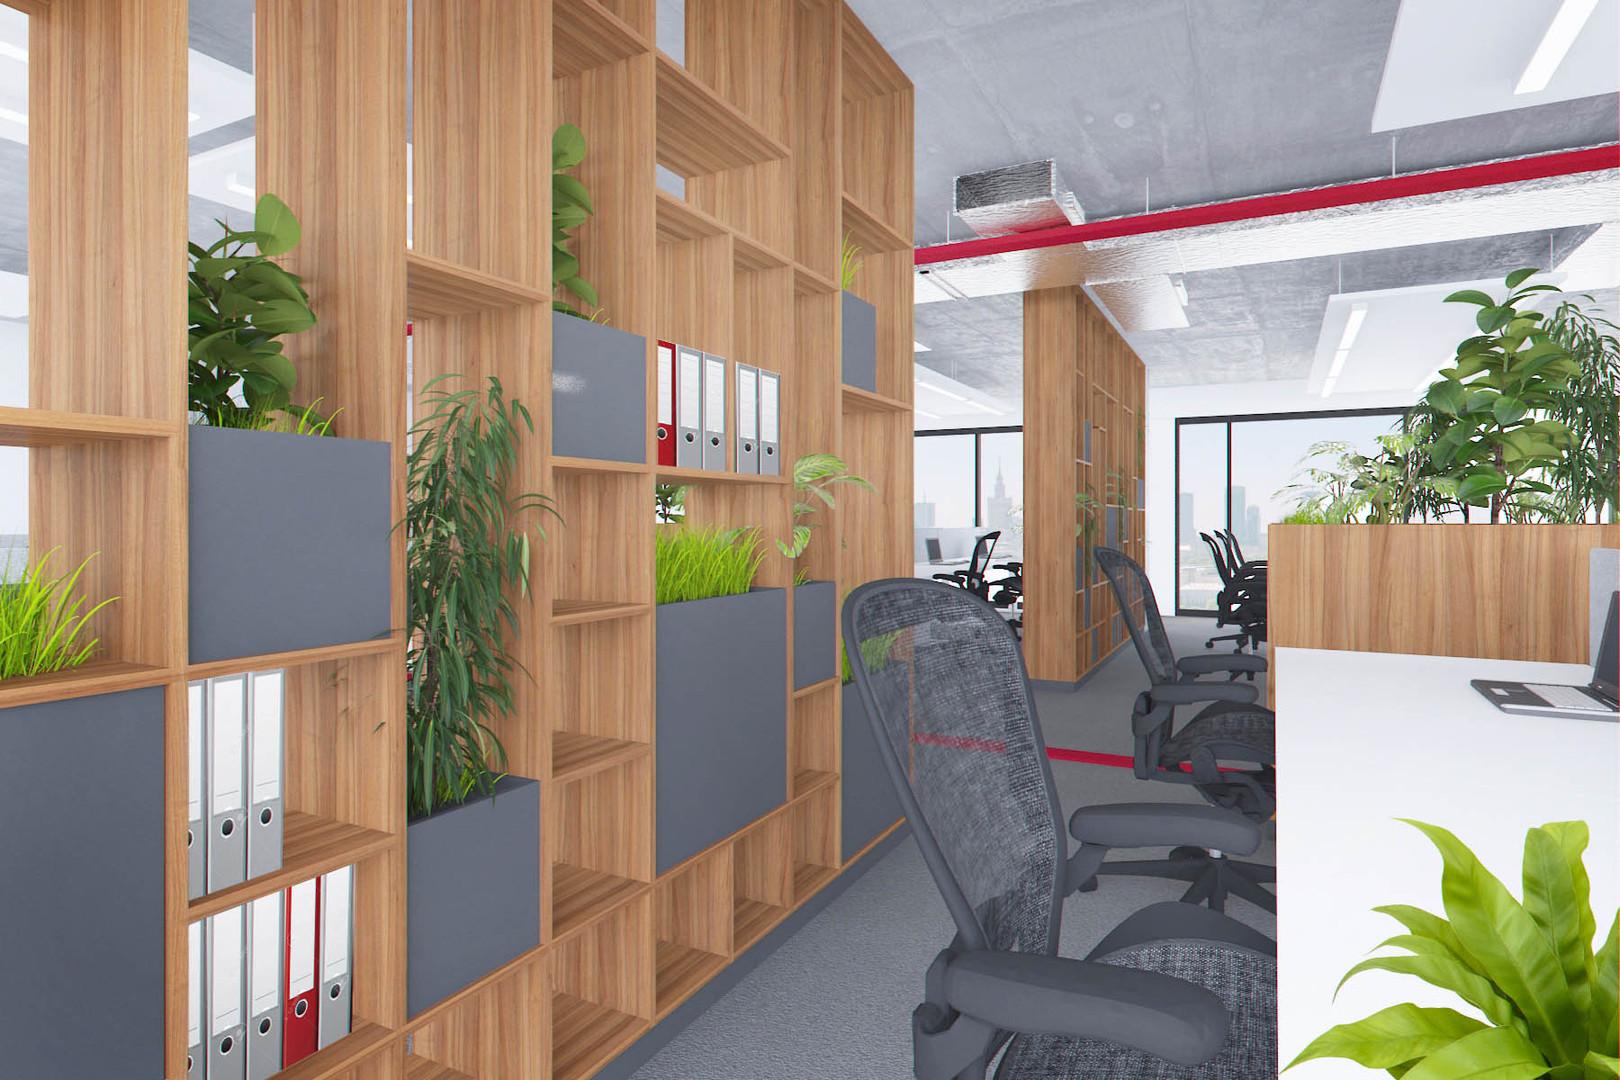 kontordesign-åpen-plass (2).jpg